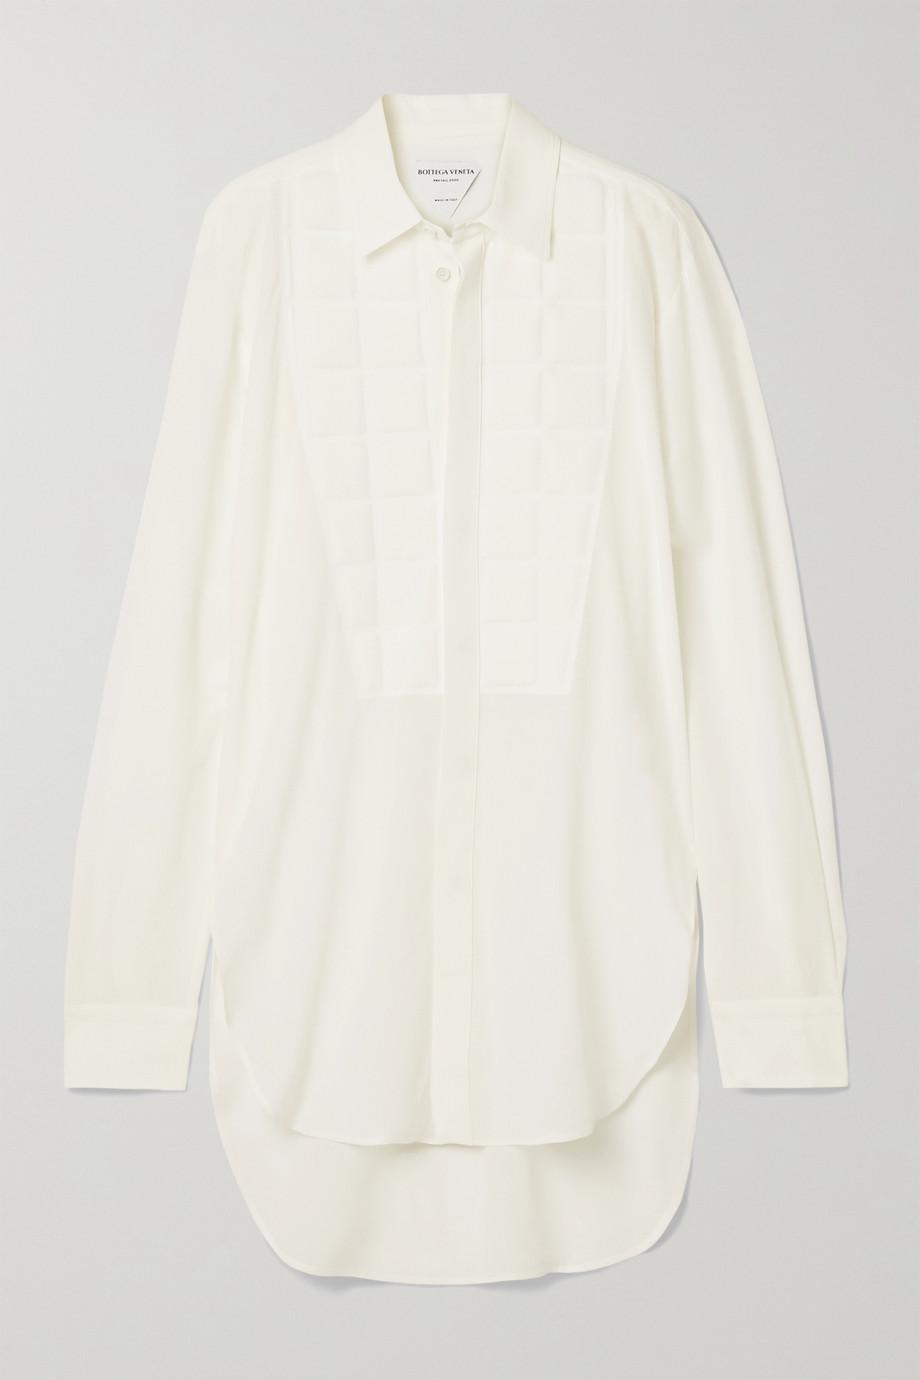 Bottega Veneta Embossed silk crepe de chine shirt